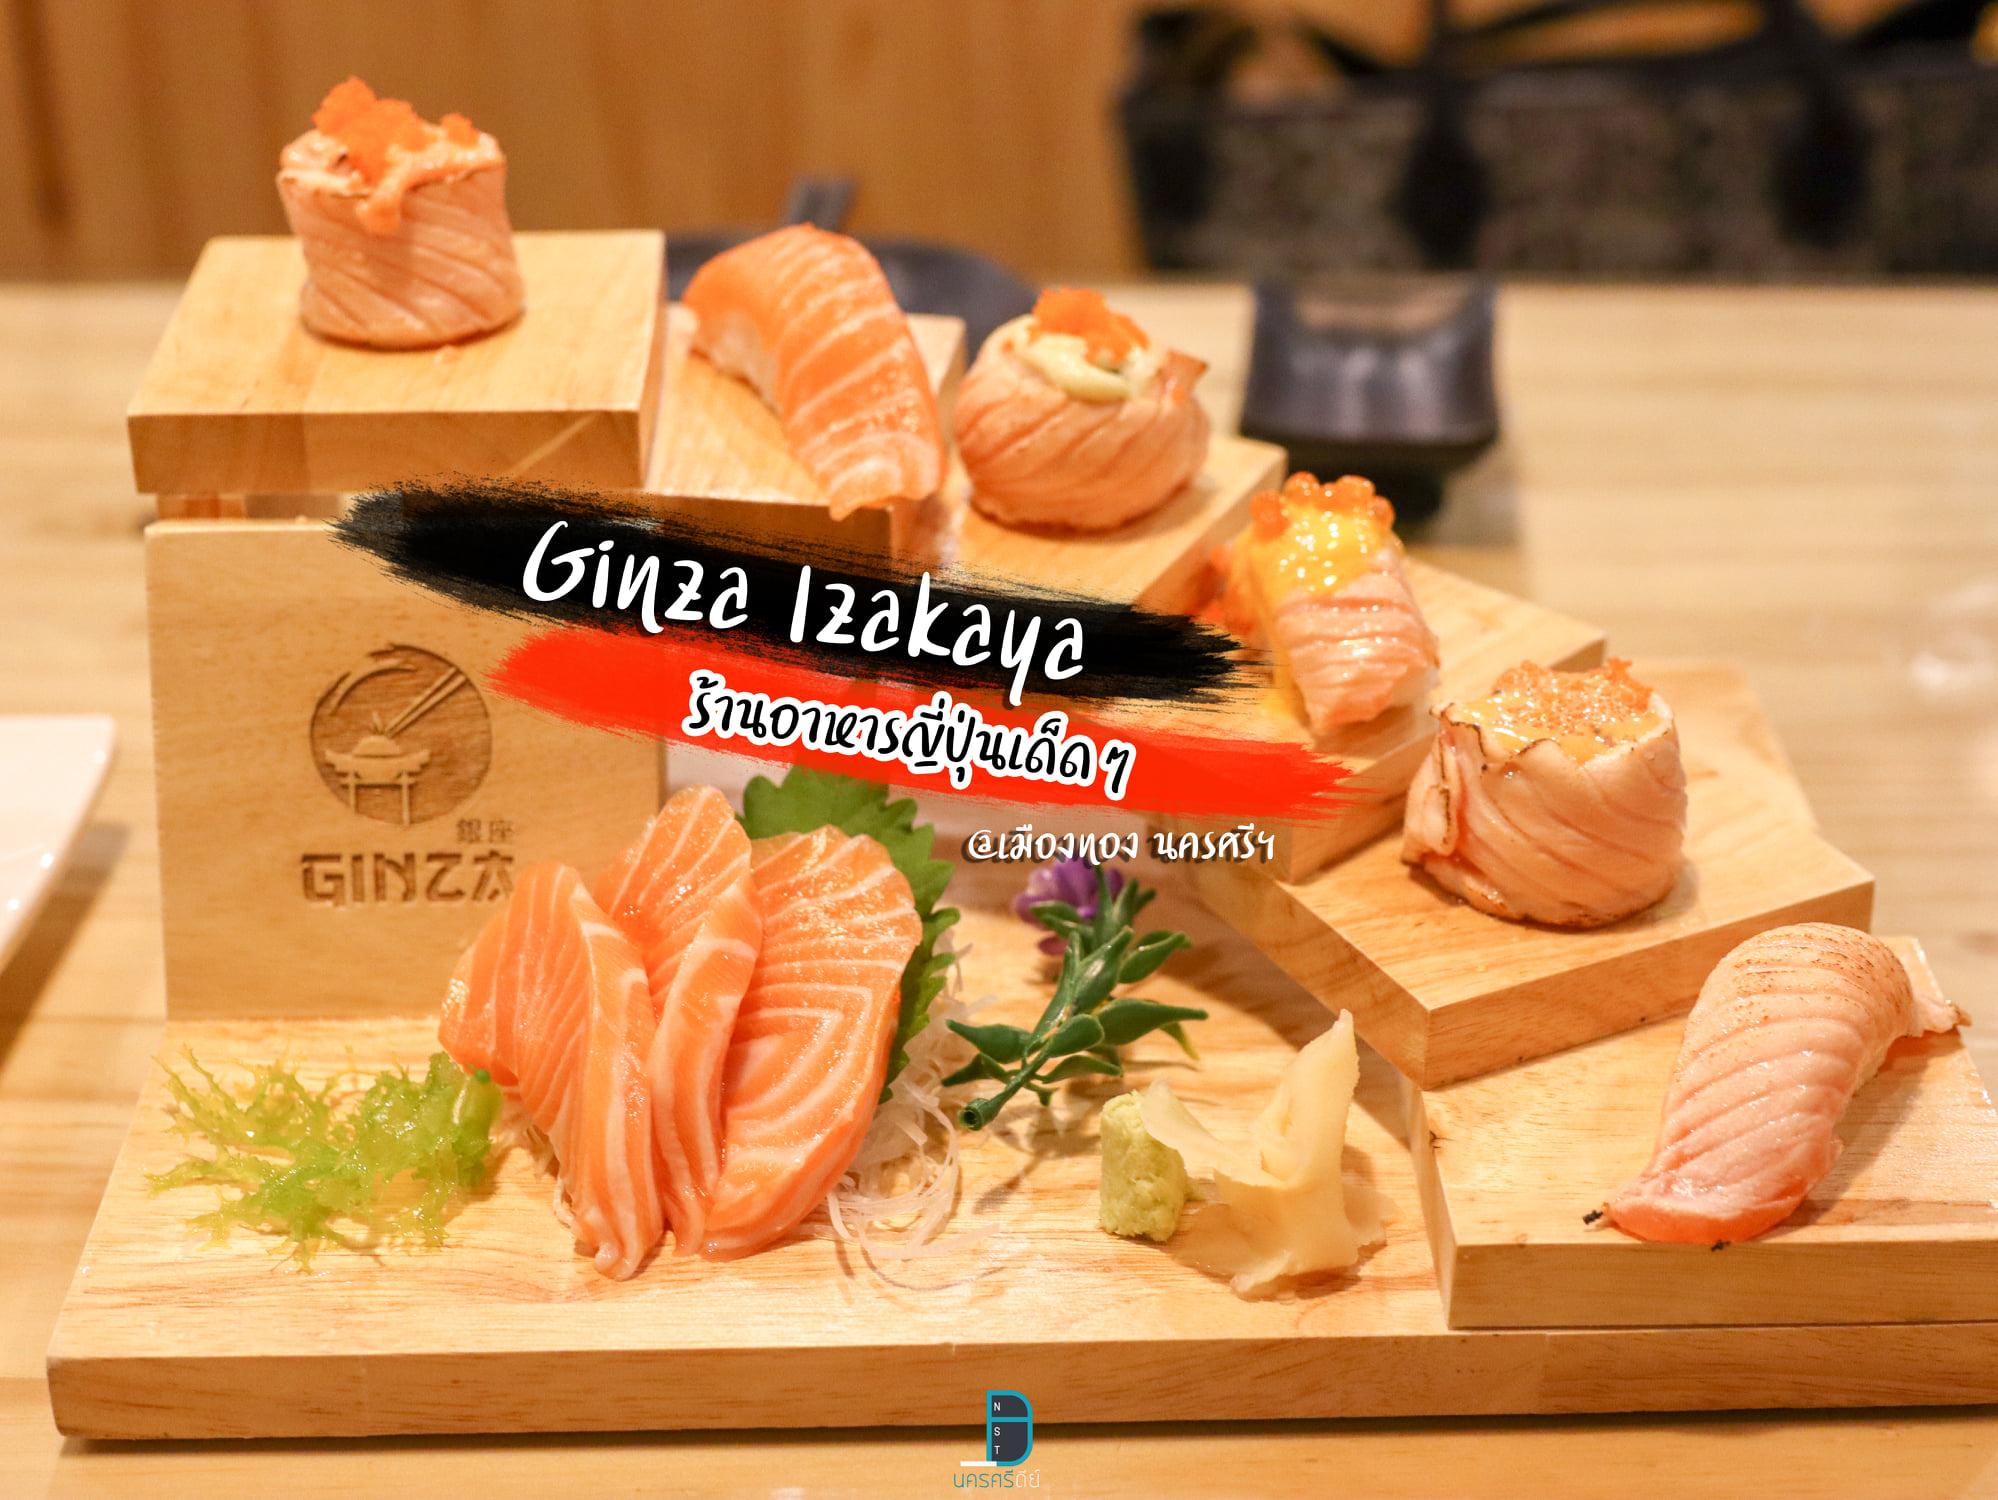 ร้านอาหารญี่ปุ่นพรีเมี่ยม แซลมอนซาซิมิ ซูชิเด็ด นครศรีธรรมราช Ginza Izakaya